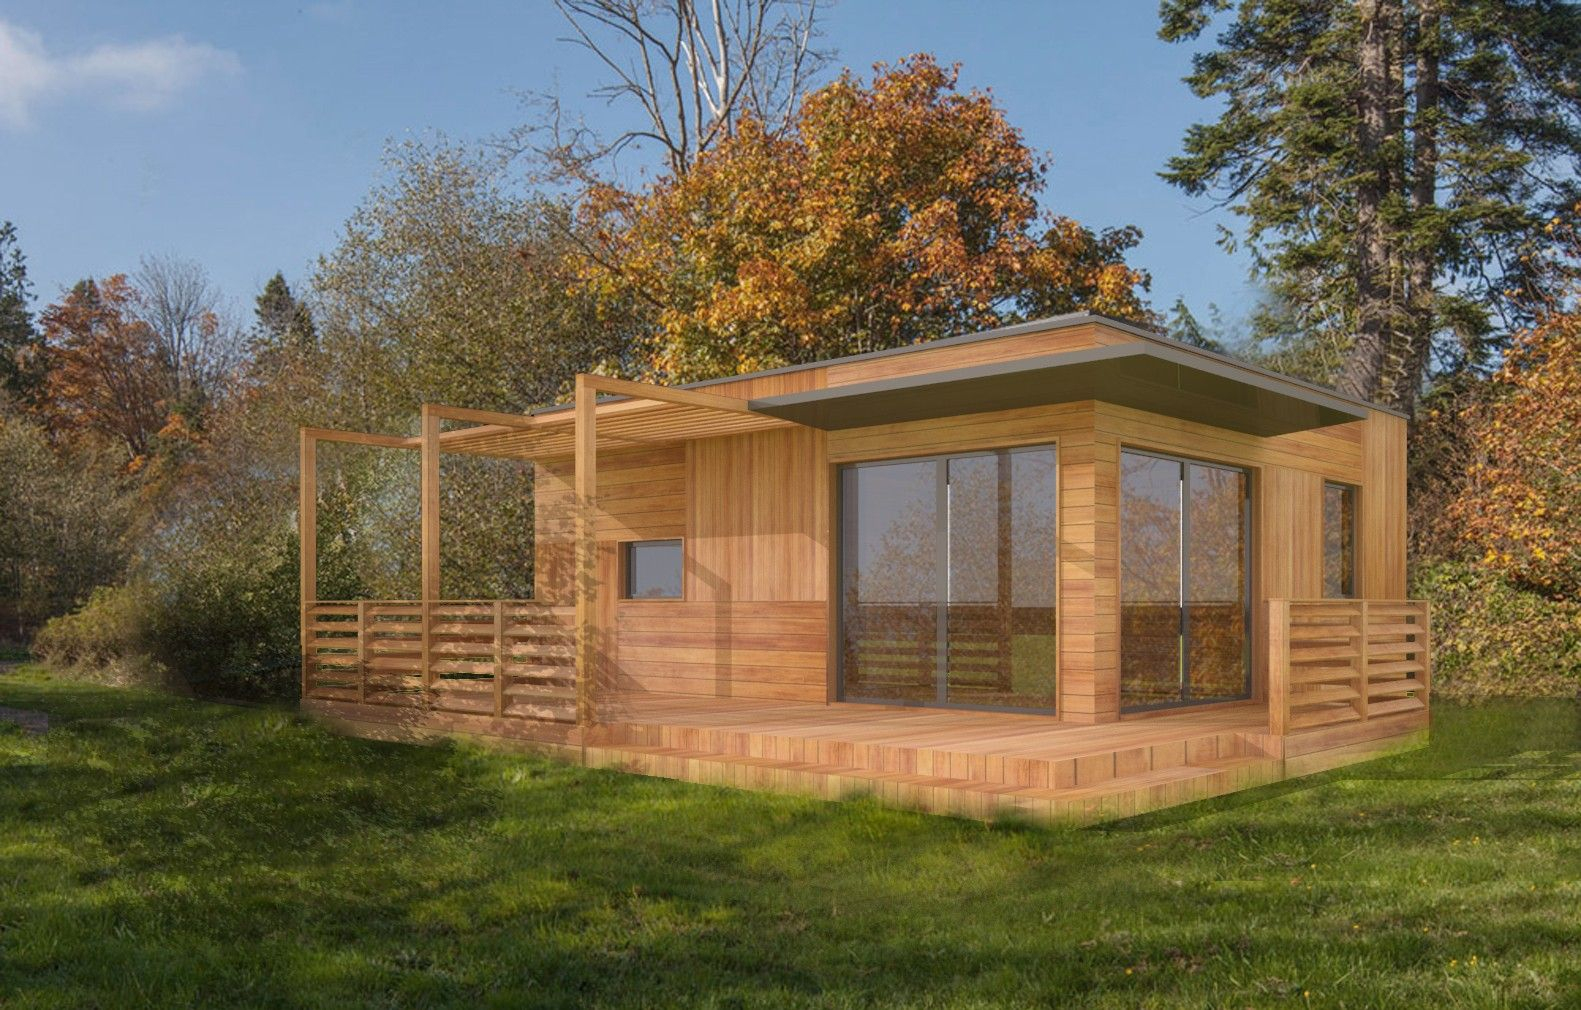 Plan Studio 35M2 Clé En Main | Chalet En Bois Habitable ... destiné Abri De Jardin 30M2